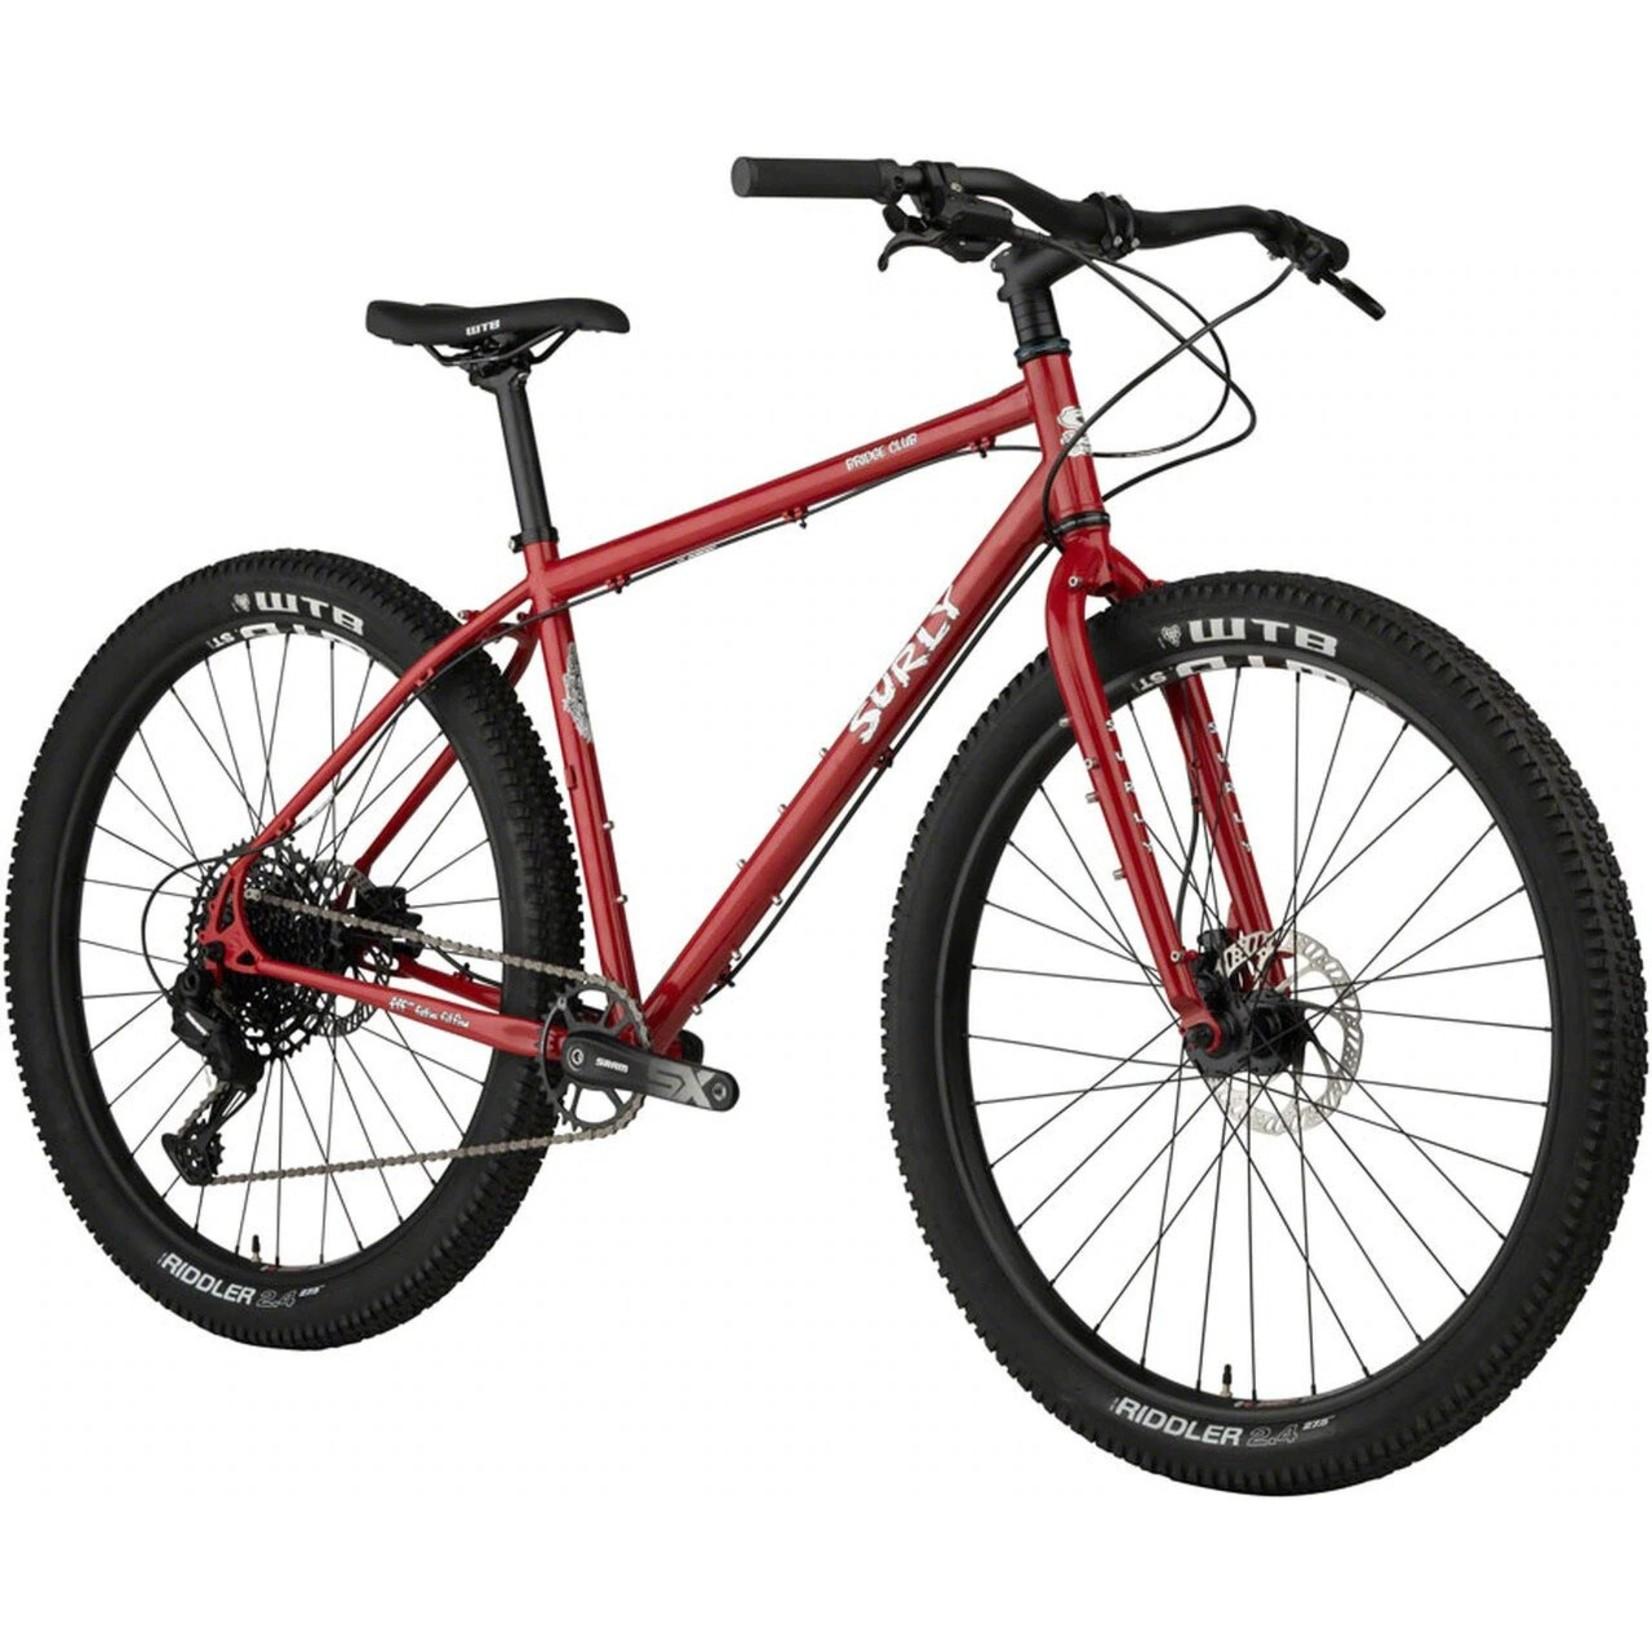 Surly Surly, Bridge Club Bike